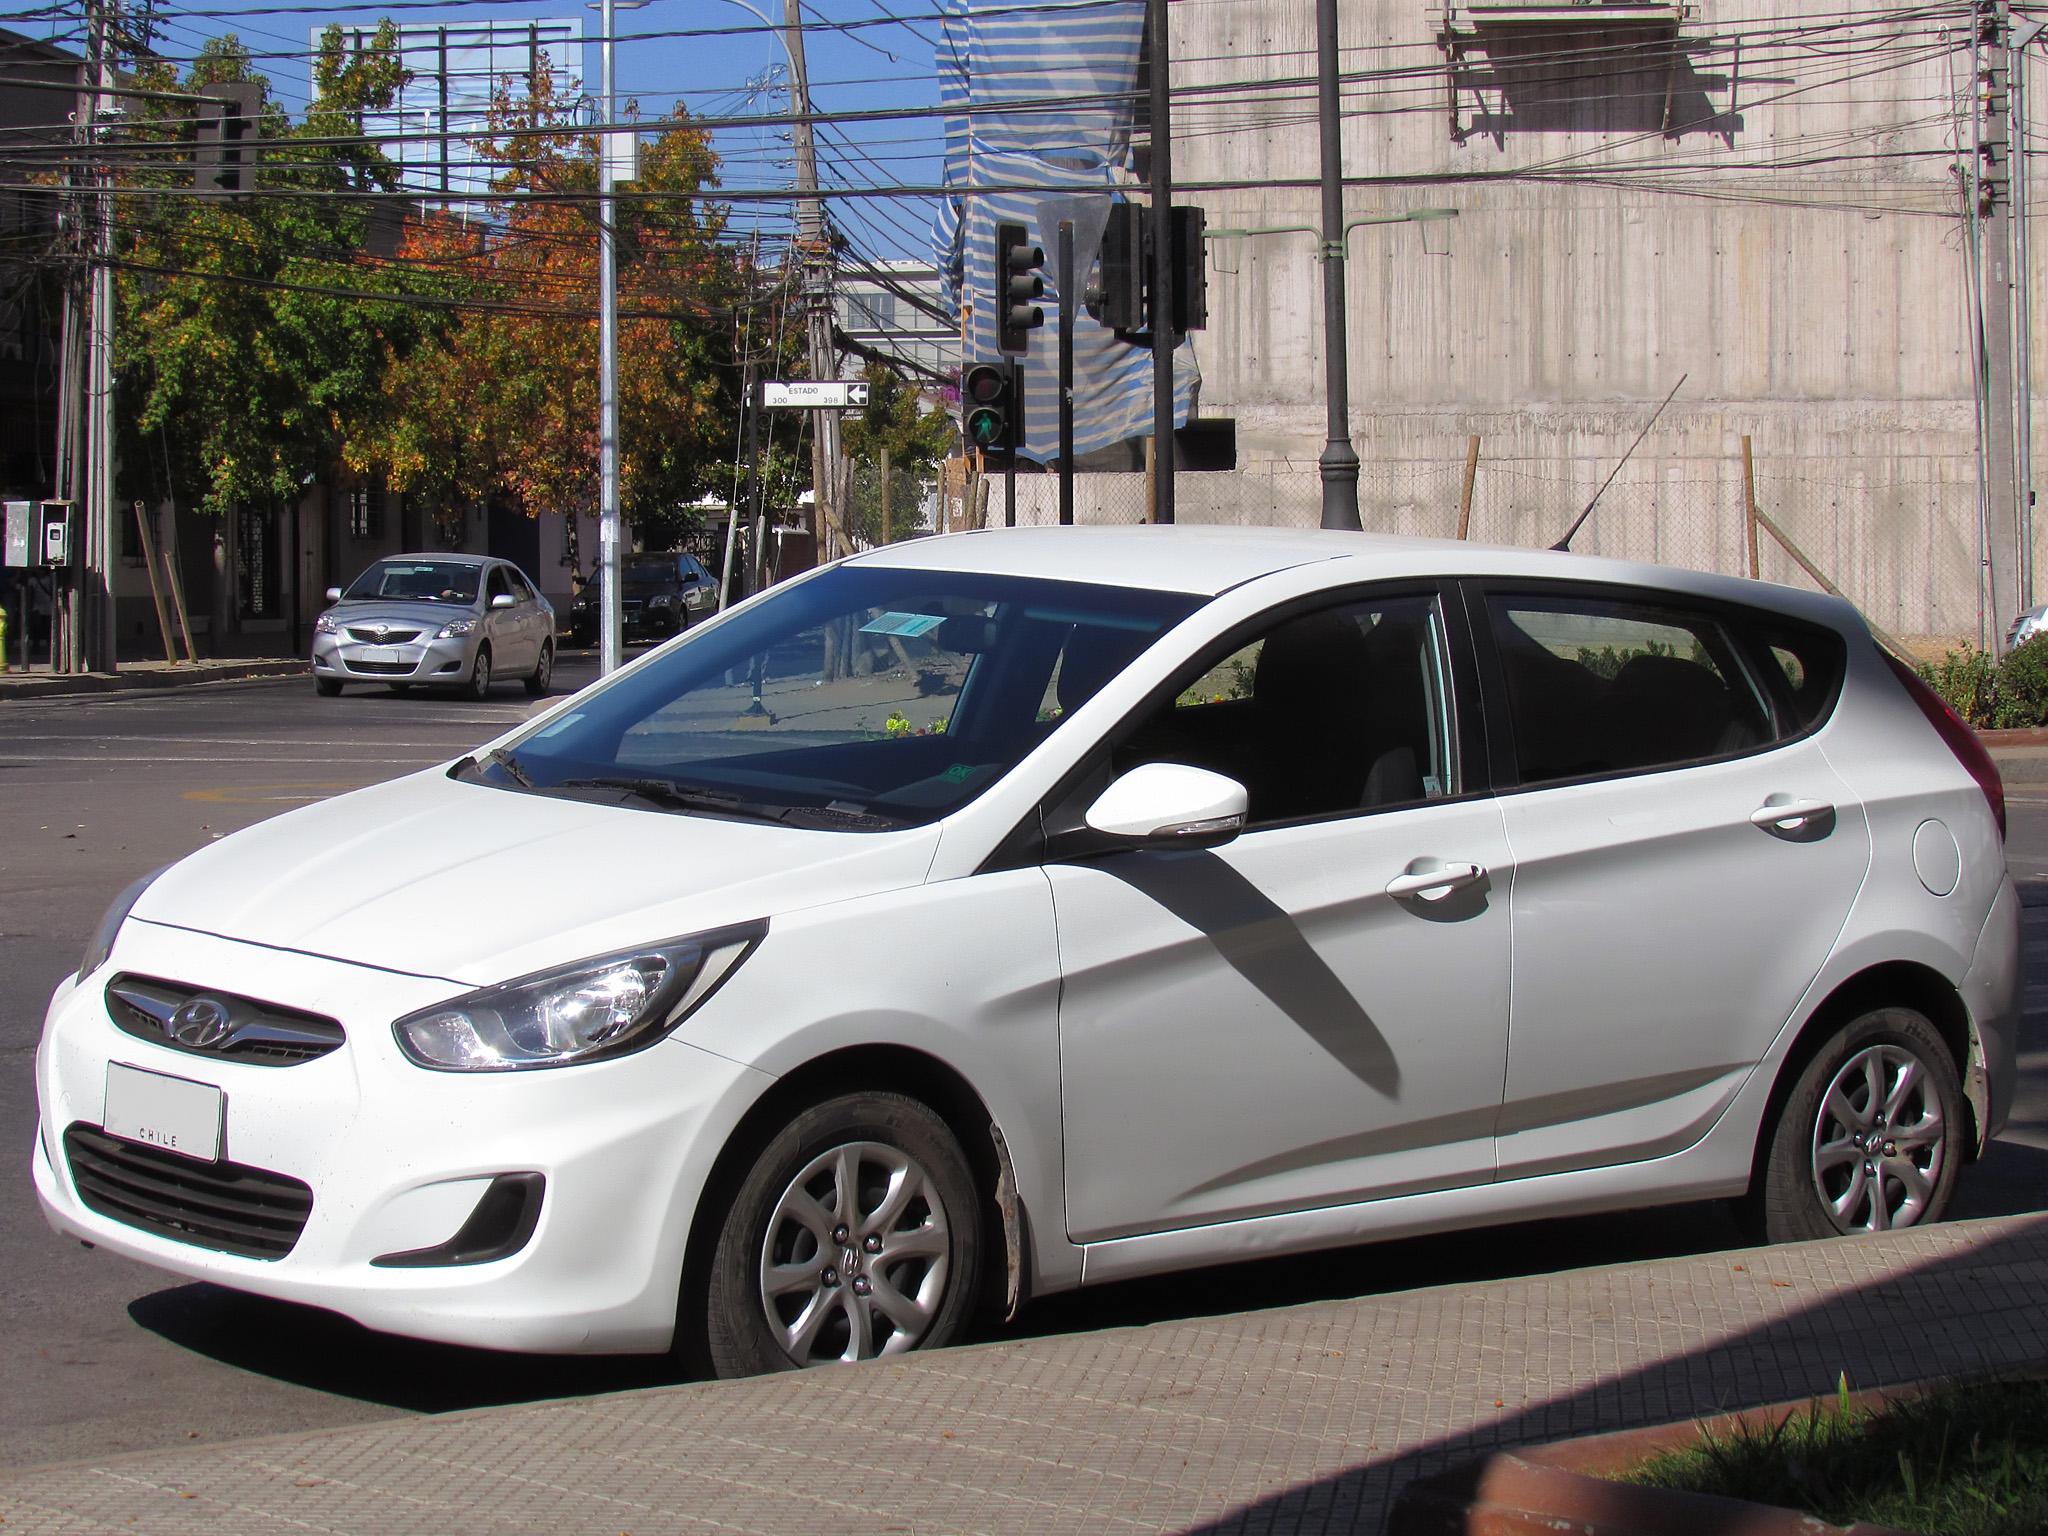 File:Hyundai Accent GLS 1.4 Hatchback 2012 (9426067438)